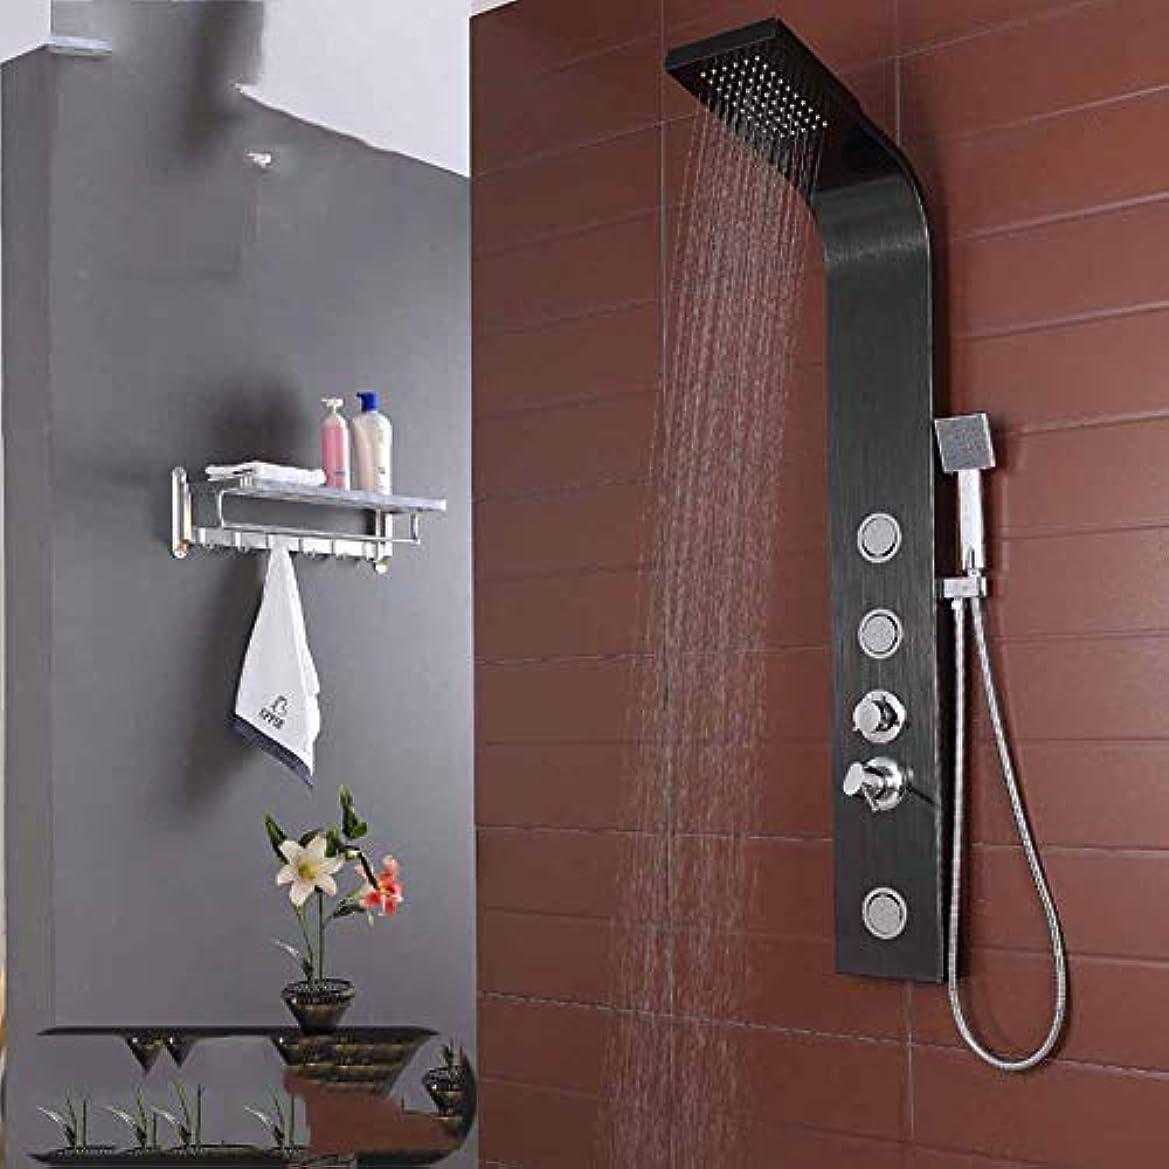 スクレーパー月曜毛皮シャワーシステム、シャワーパネルセットレインフォールシャワーハンドシャワーとボディジェット多機能ノズルマッサージSPAジェット温度ステンレススチールバスルームシャワーミキサーセット (色 : A)